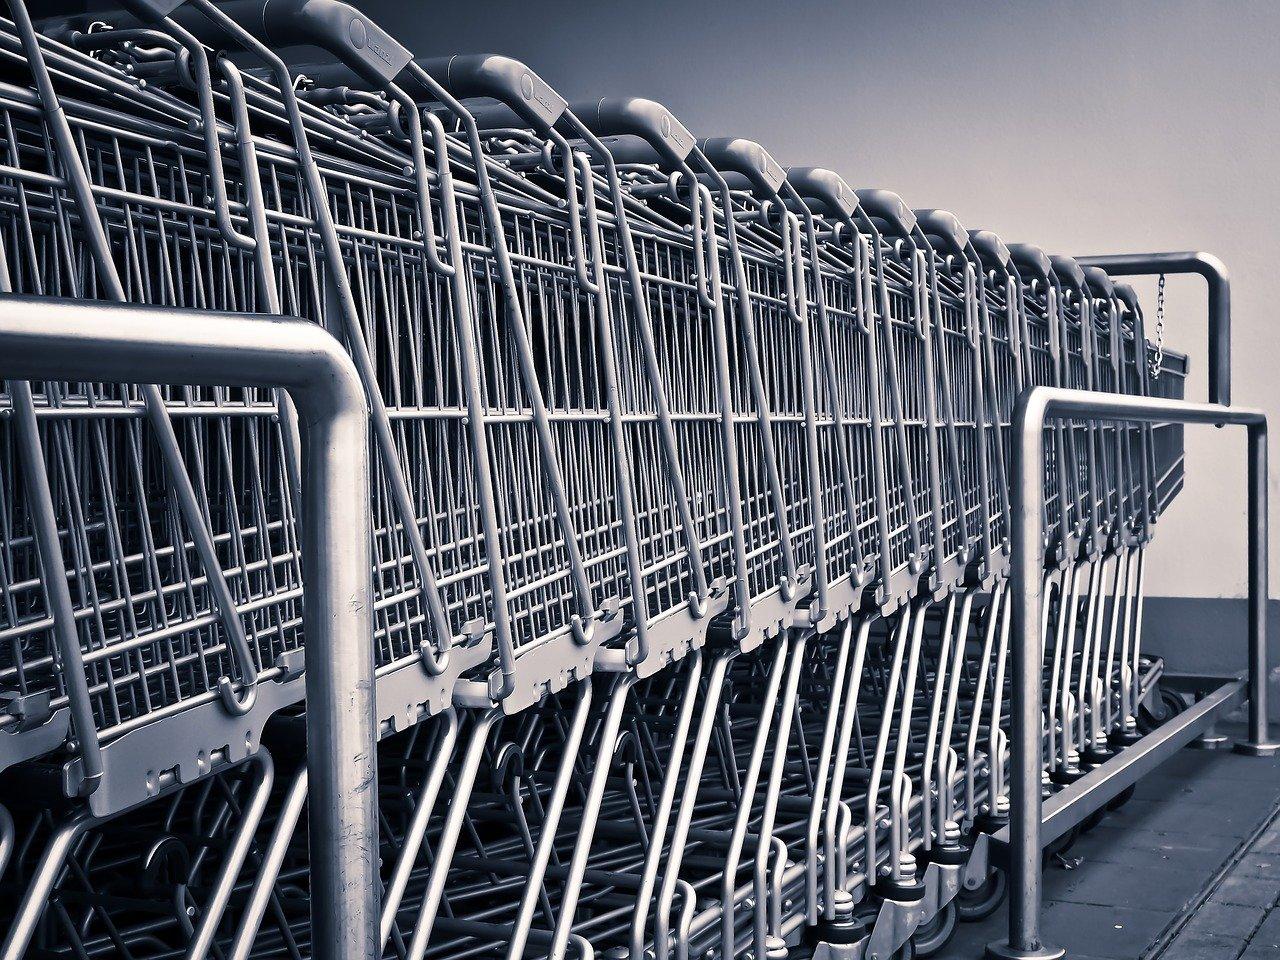 carritos de compra, tienda de comestibles, compras